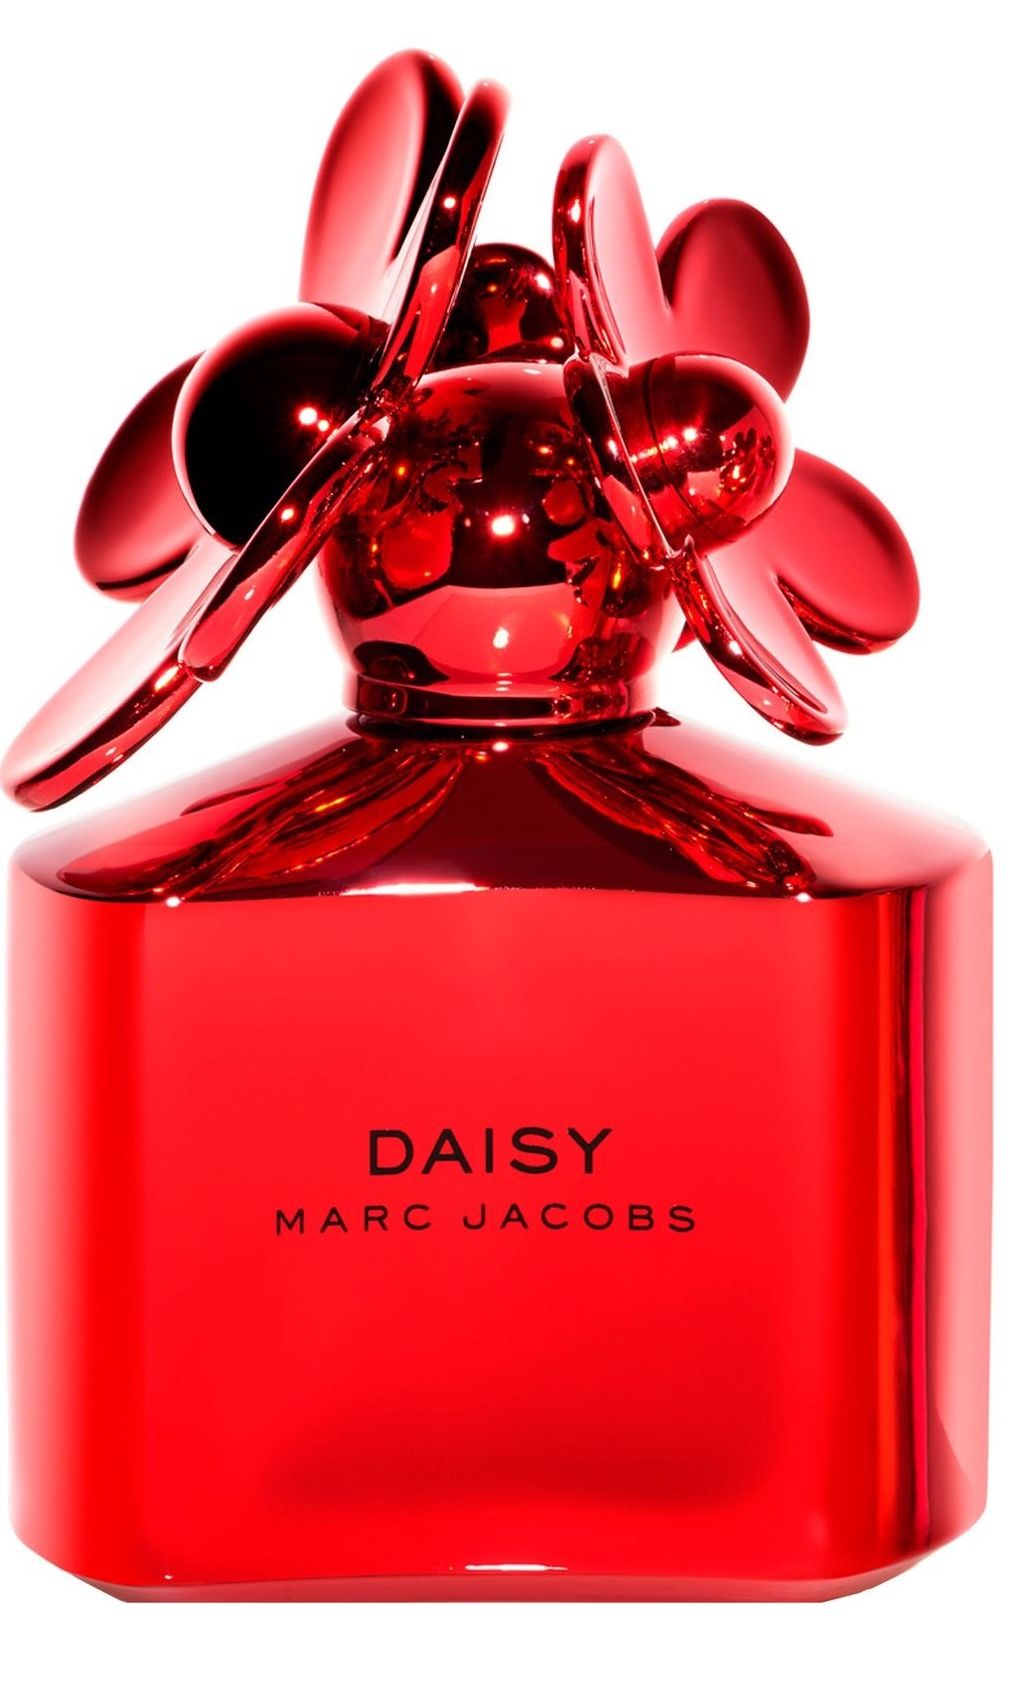 Imagen sobre Perfume de marc jacobs de MARIELA en rojo